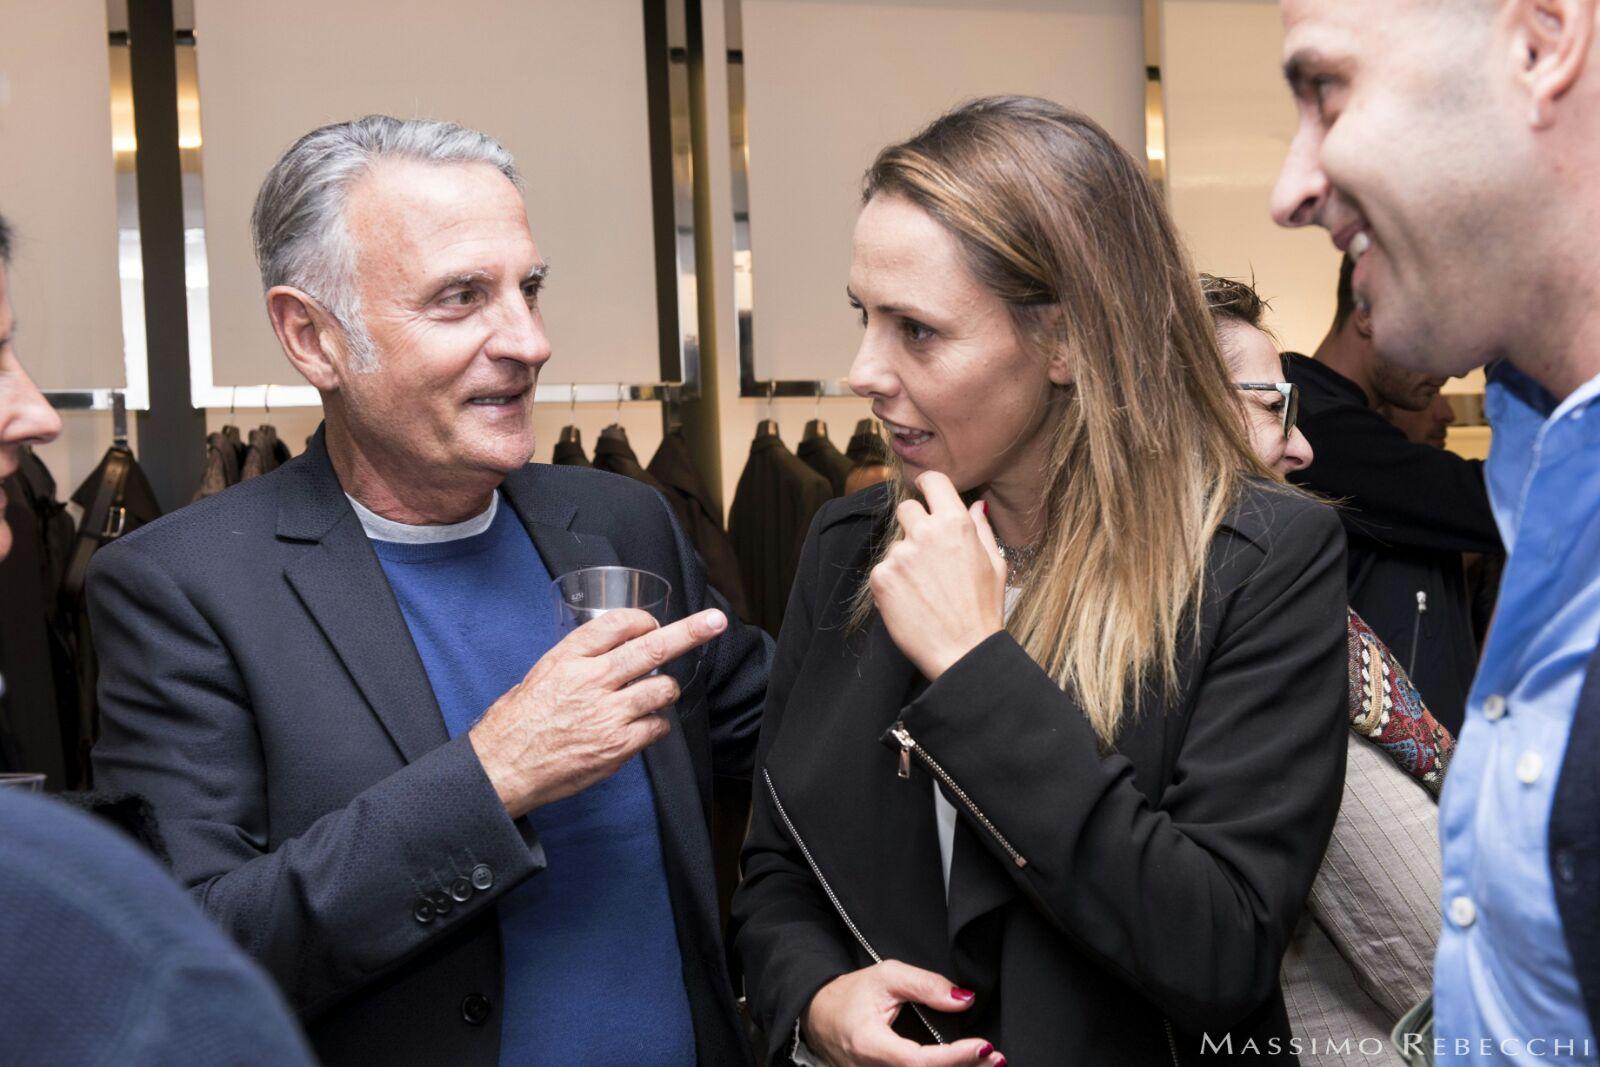 Serata di moda e sport organizzata da Massimo Rebecchi